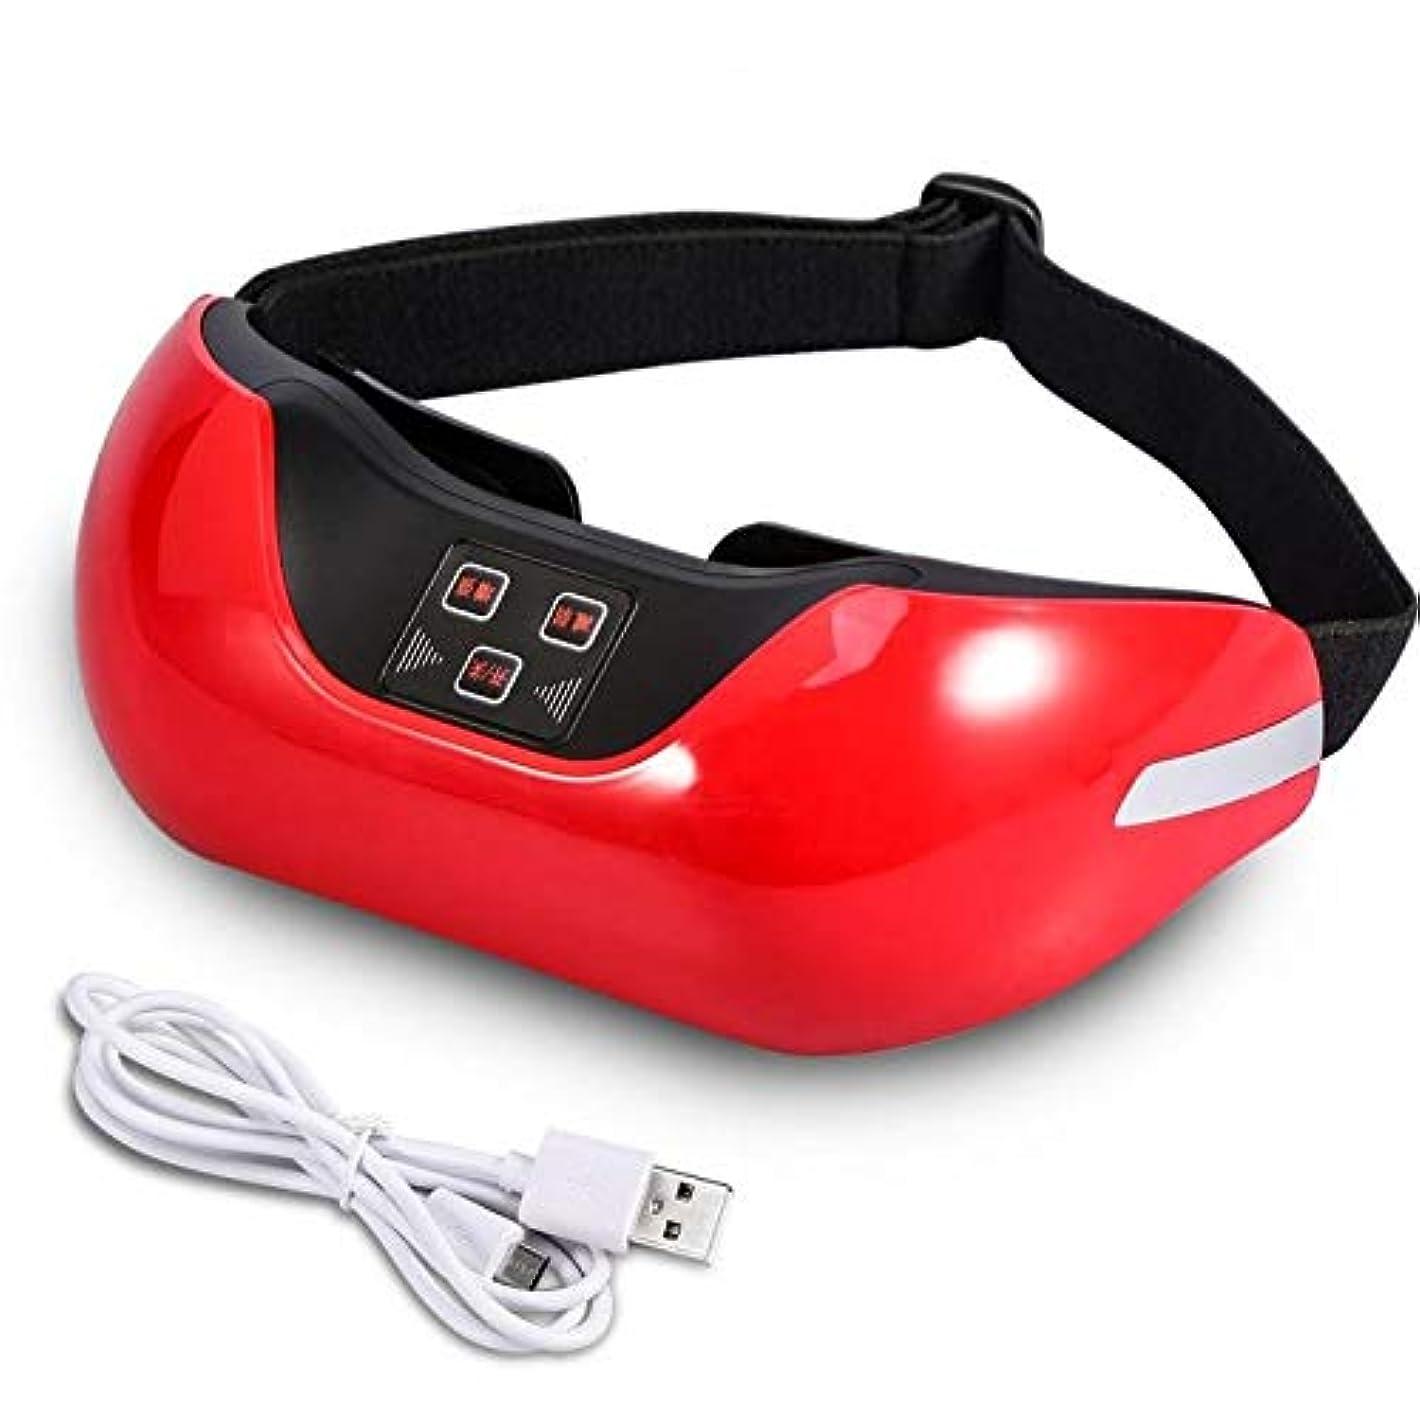 スリップシューズドック不幸Ruzzy 緑色光アイマッサージャー付き3D充電式マッサージャー 購入へようこそ (Color : Red)